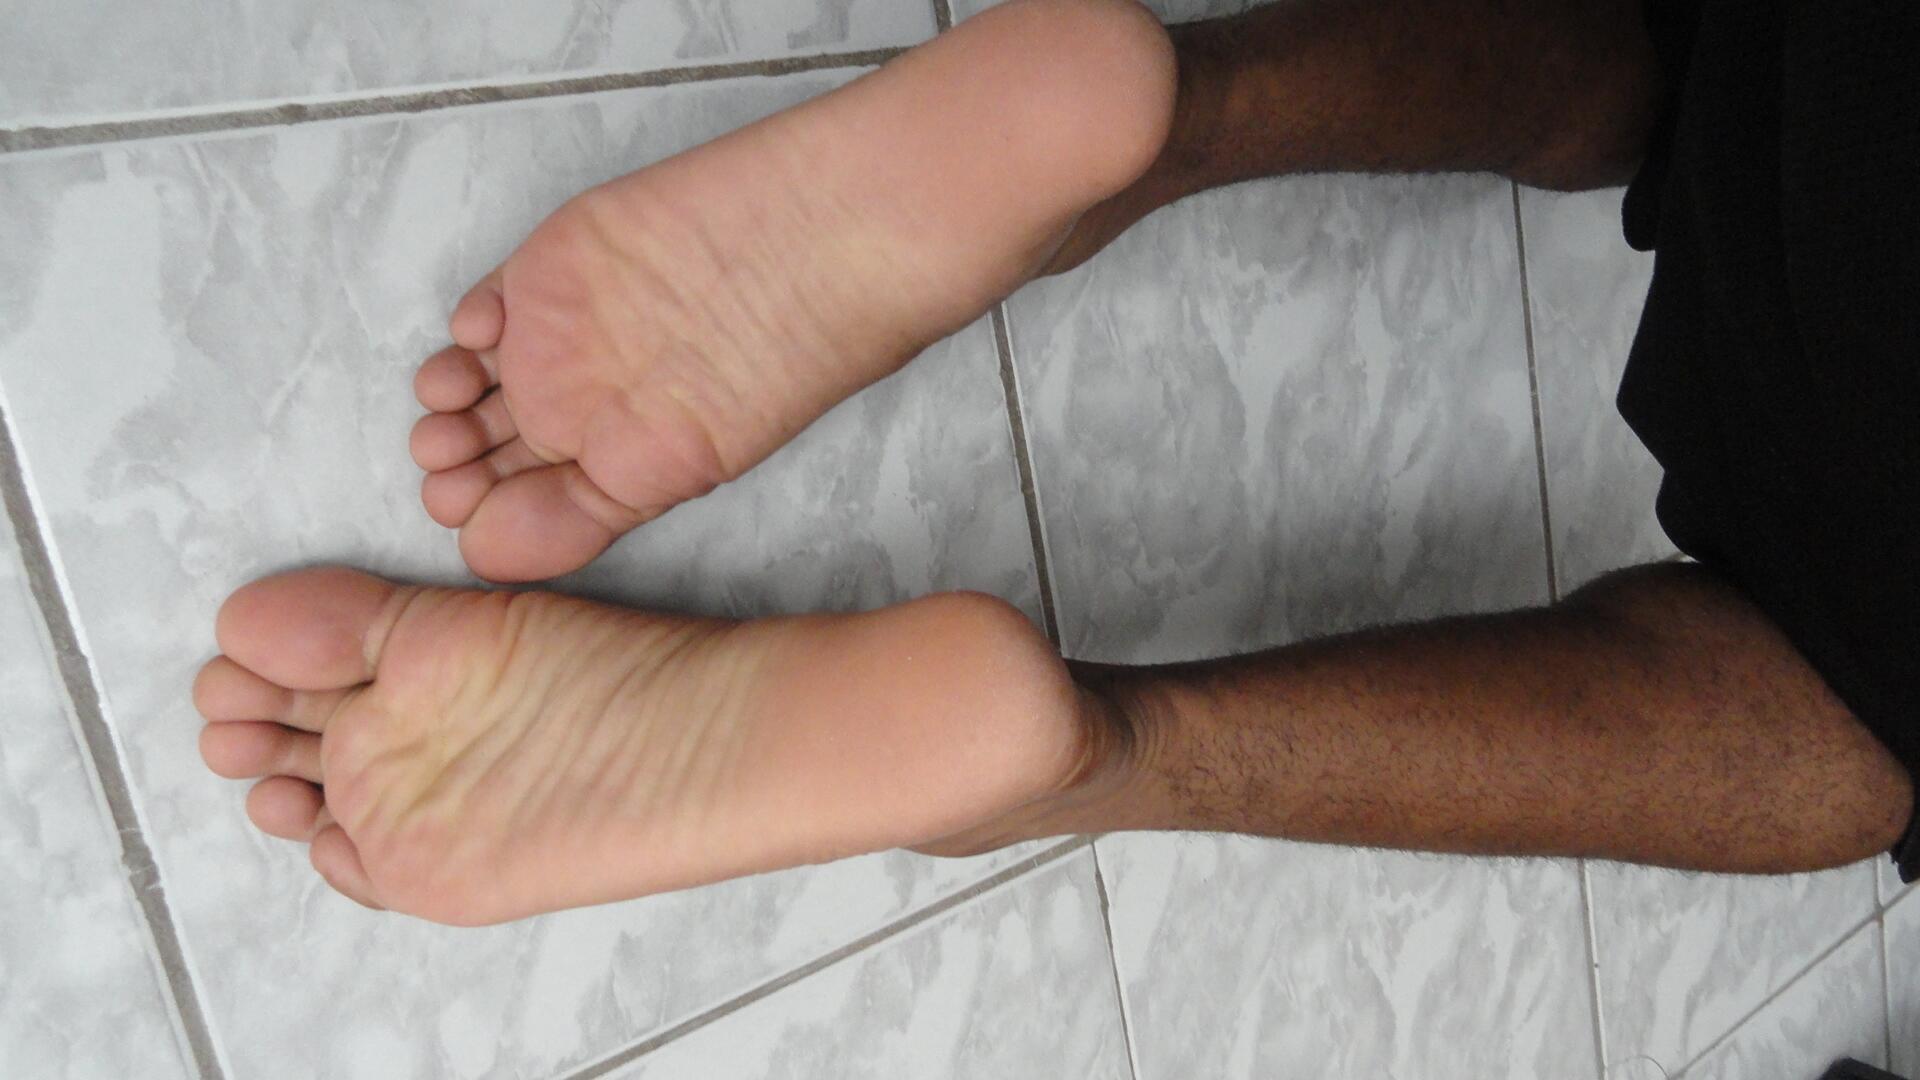 foot fetish anyone